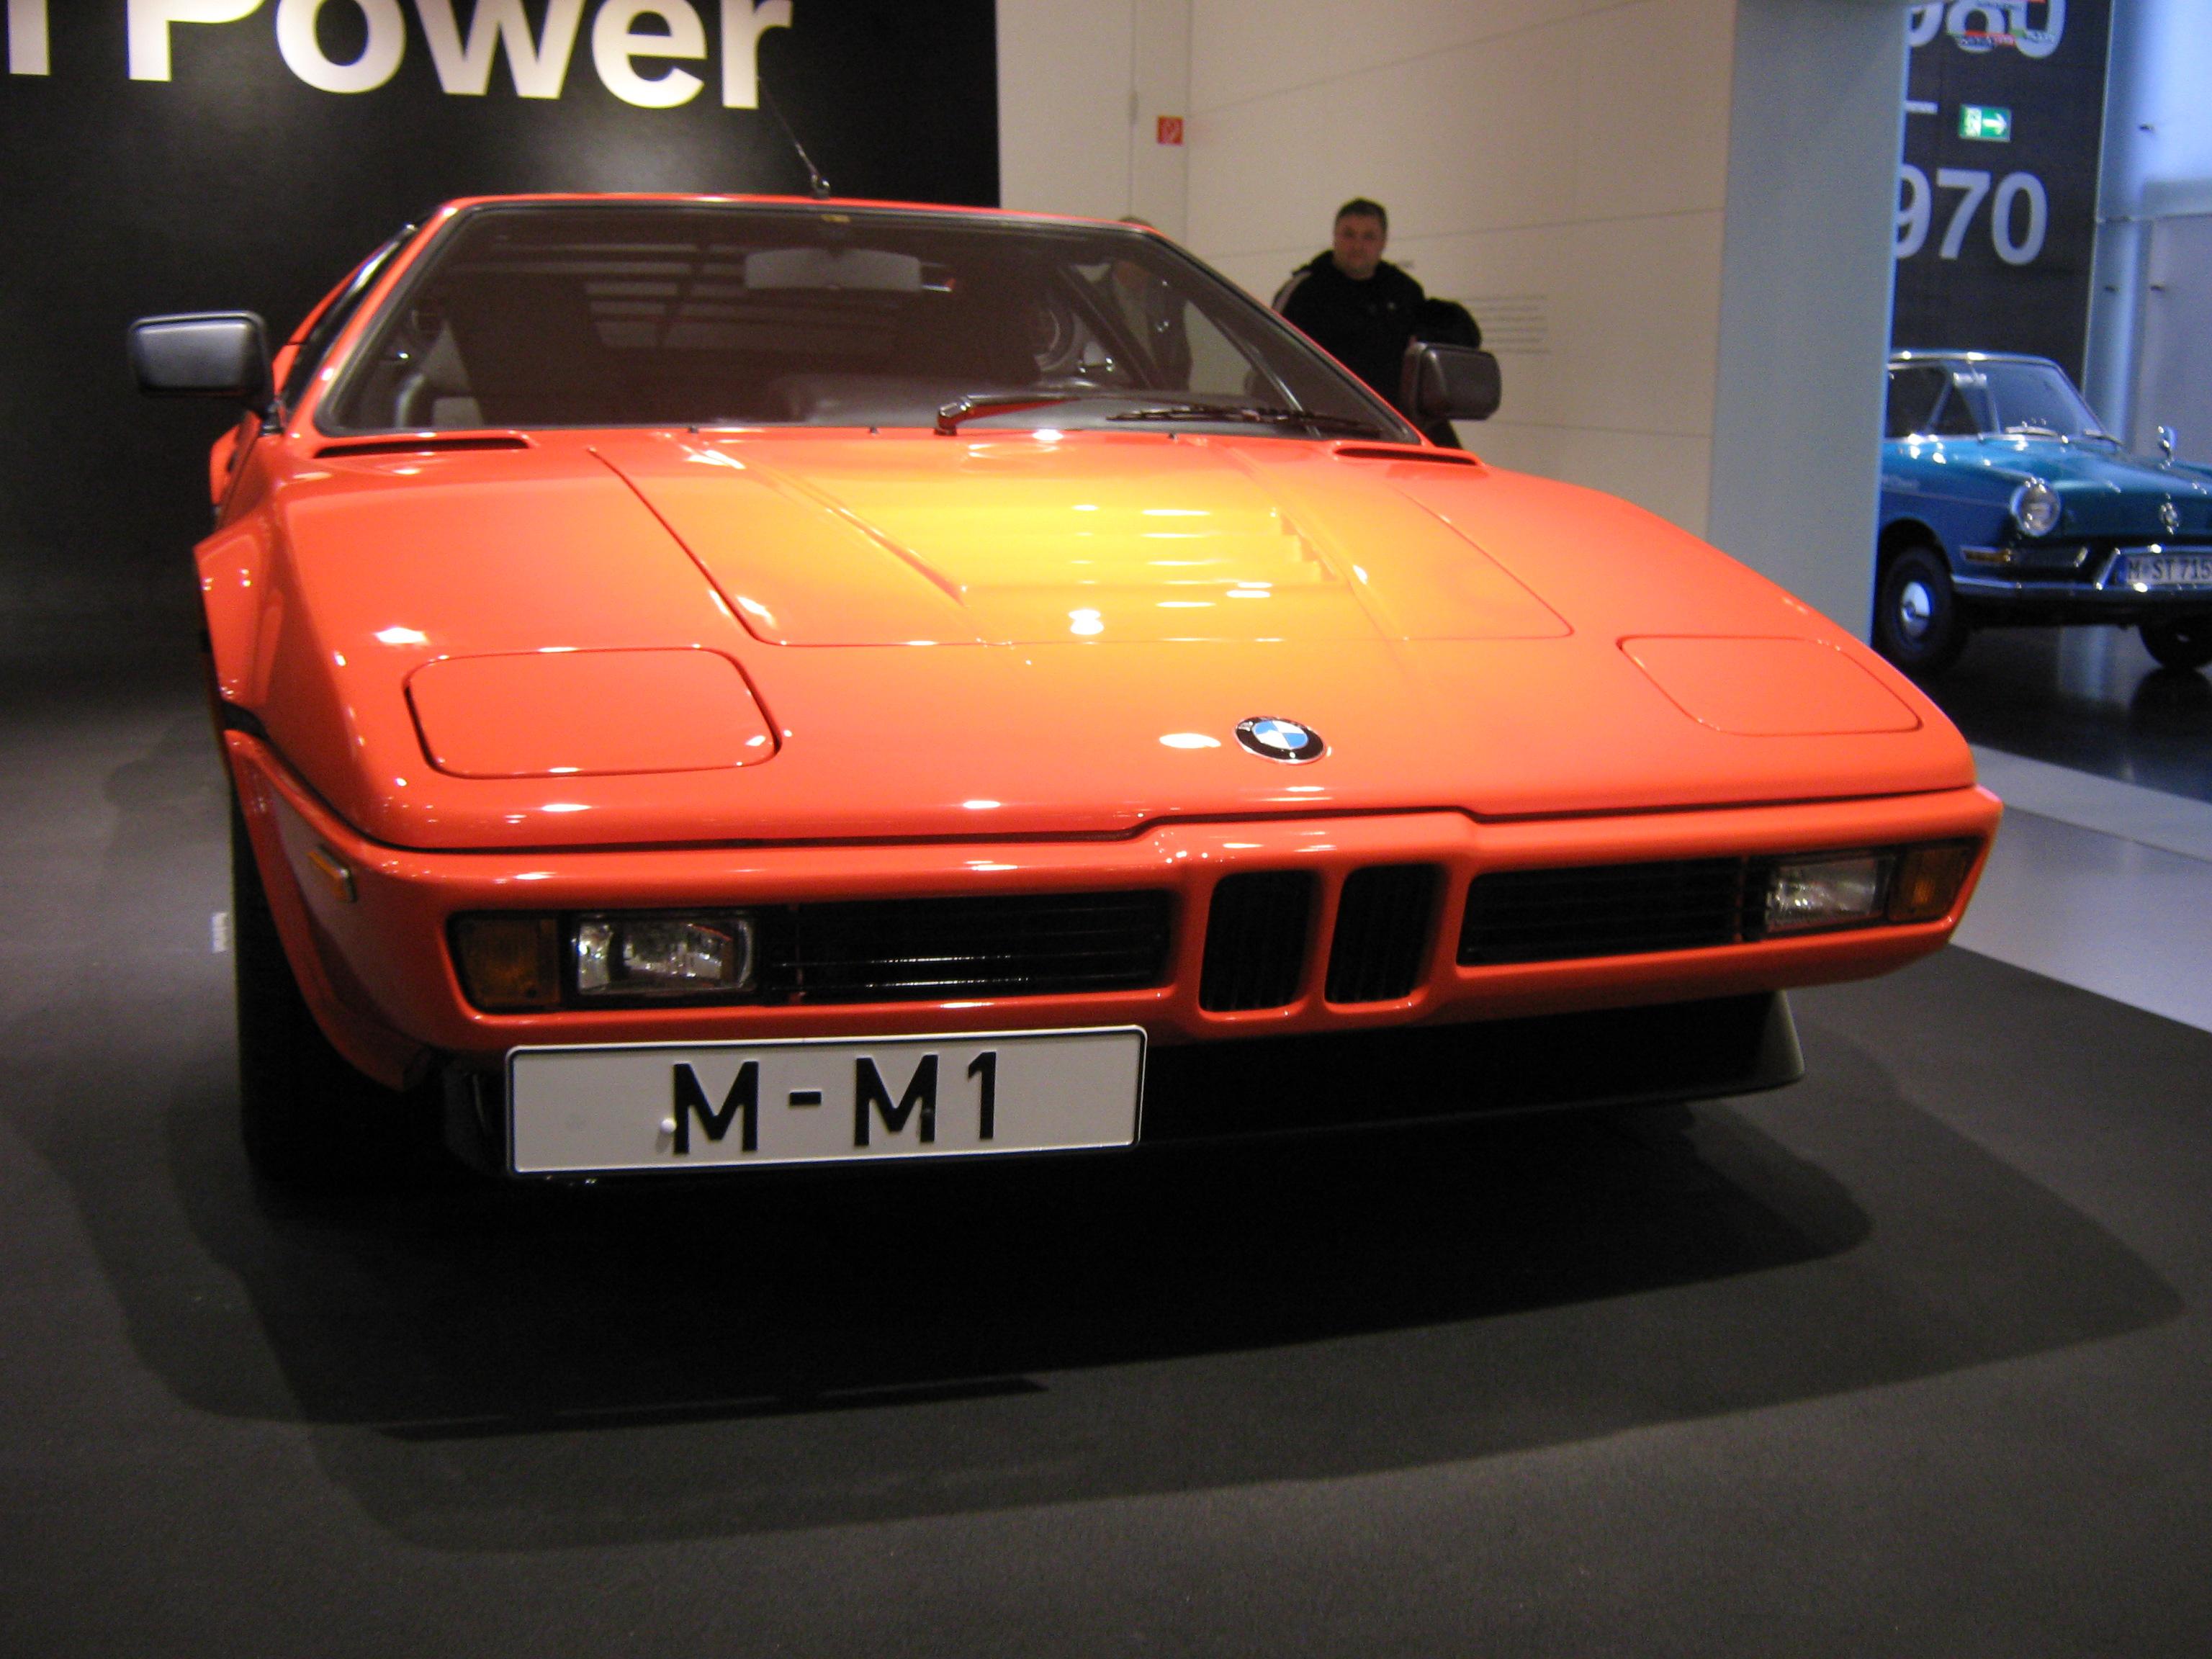 BMWM-M1.jpg